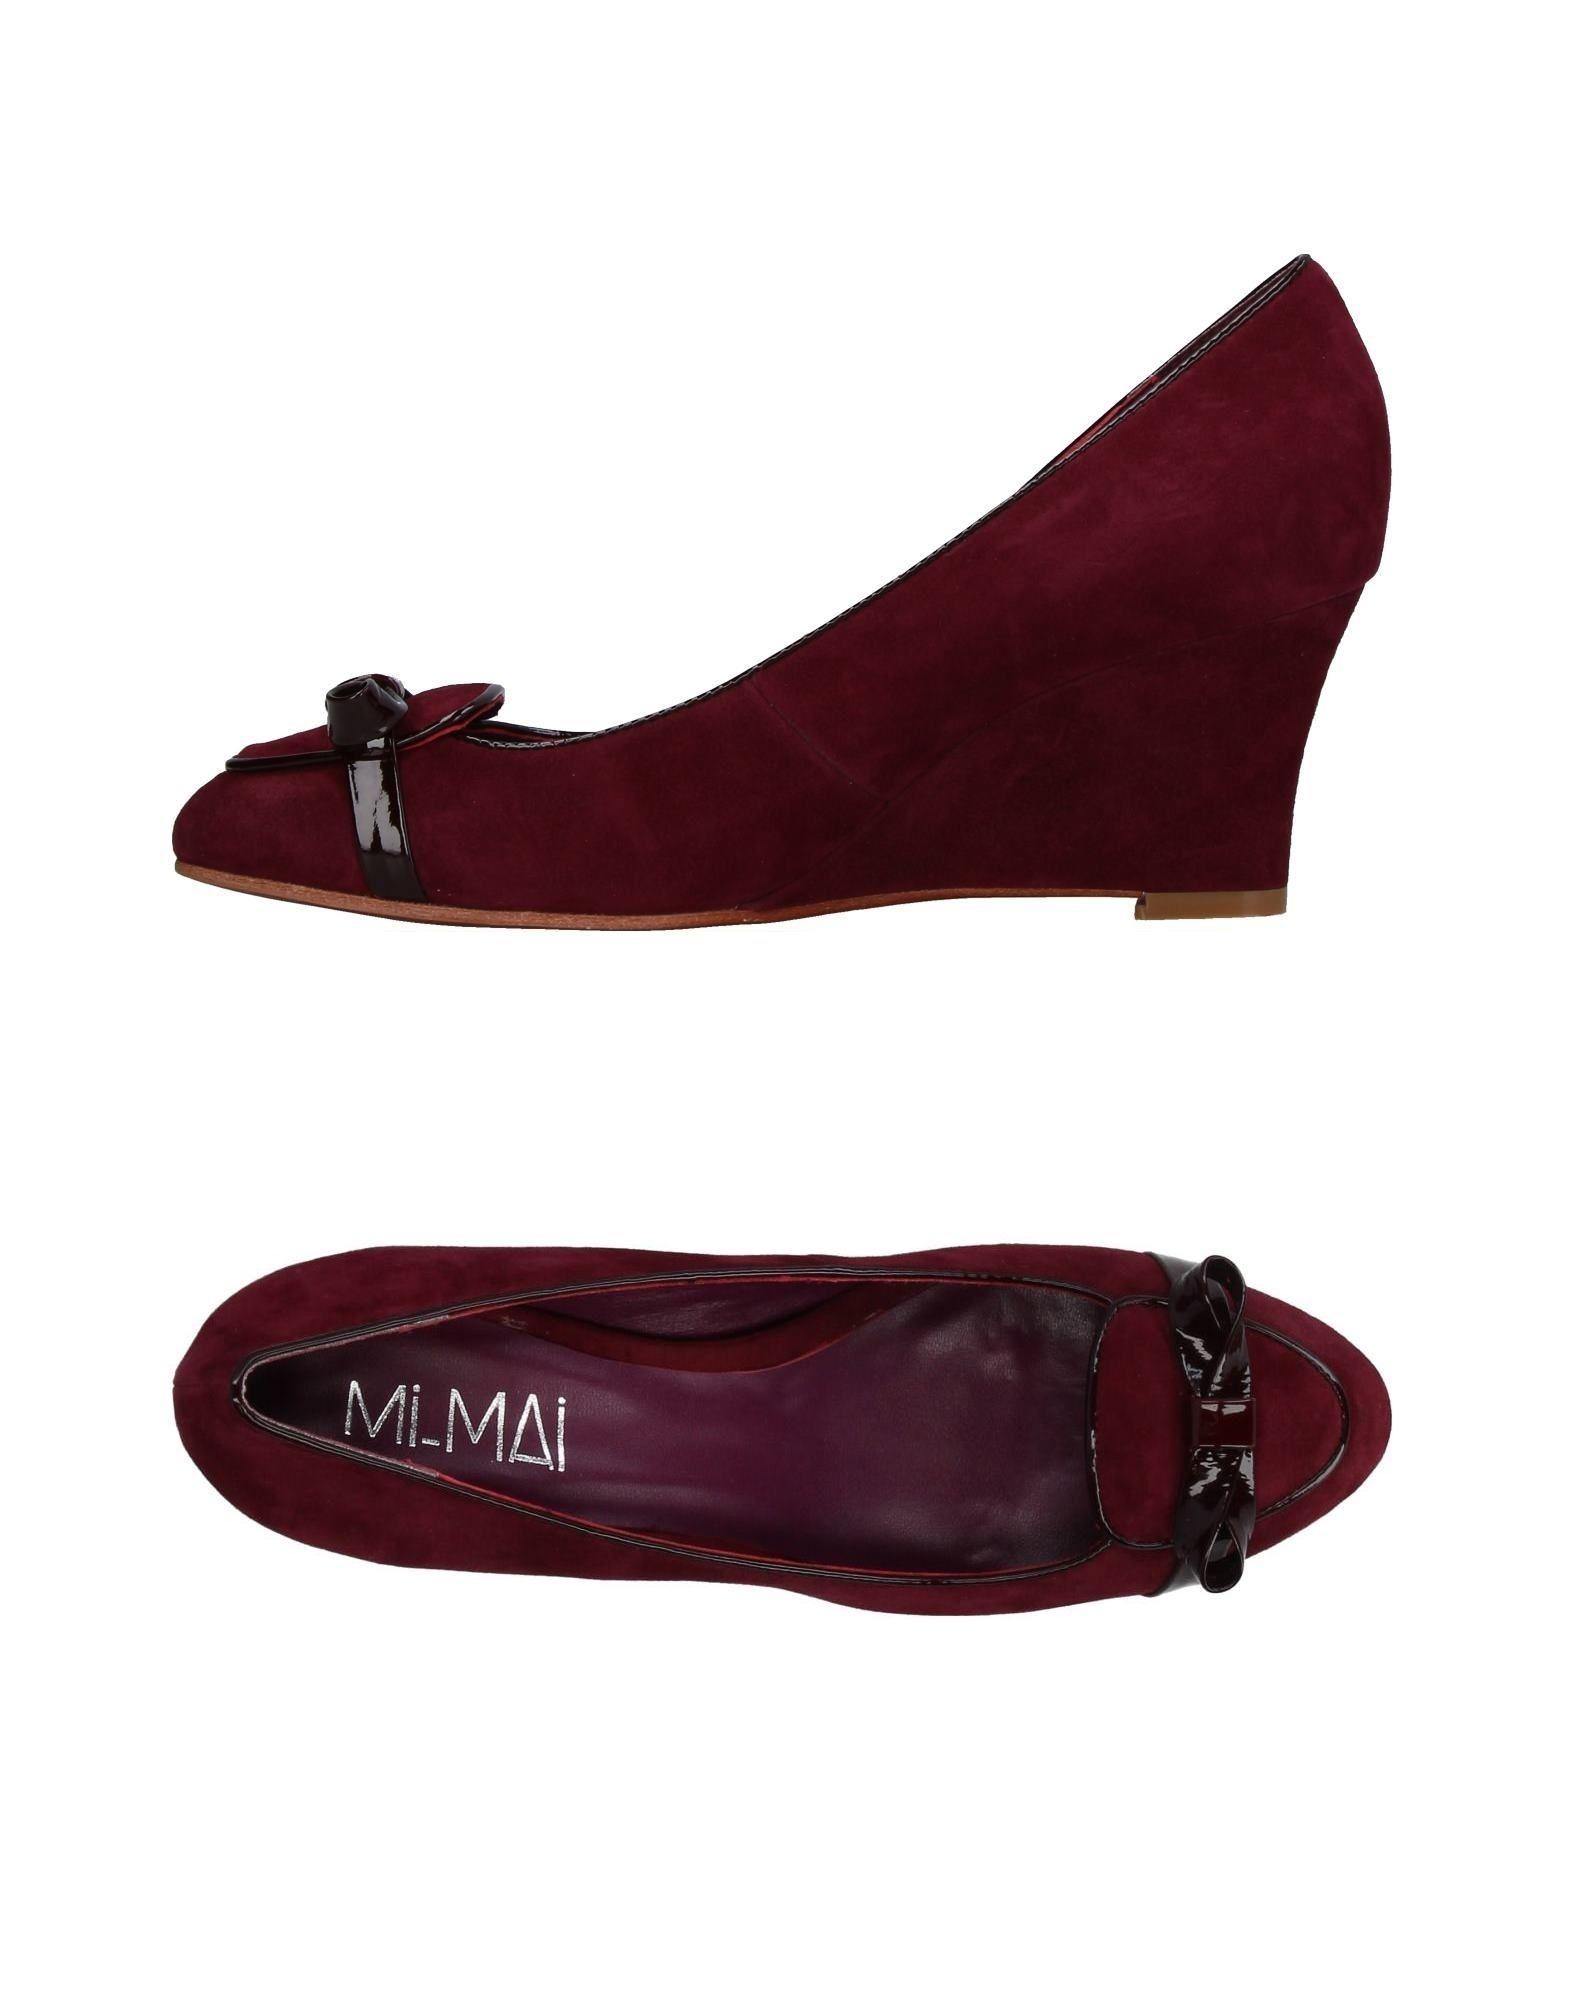 Haltbare Mode billige Schuhe Mi/Mai Pumps Damen  11408076FA Heiße Schuhe